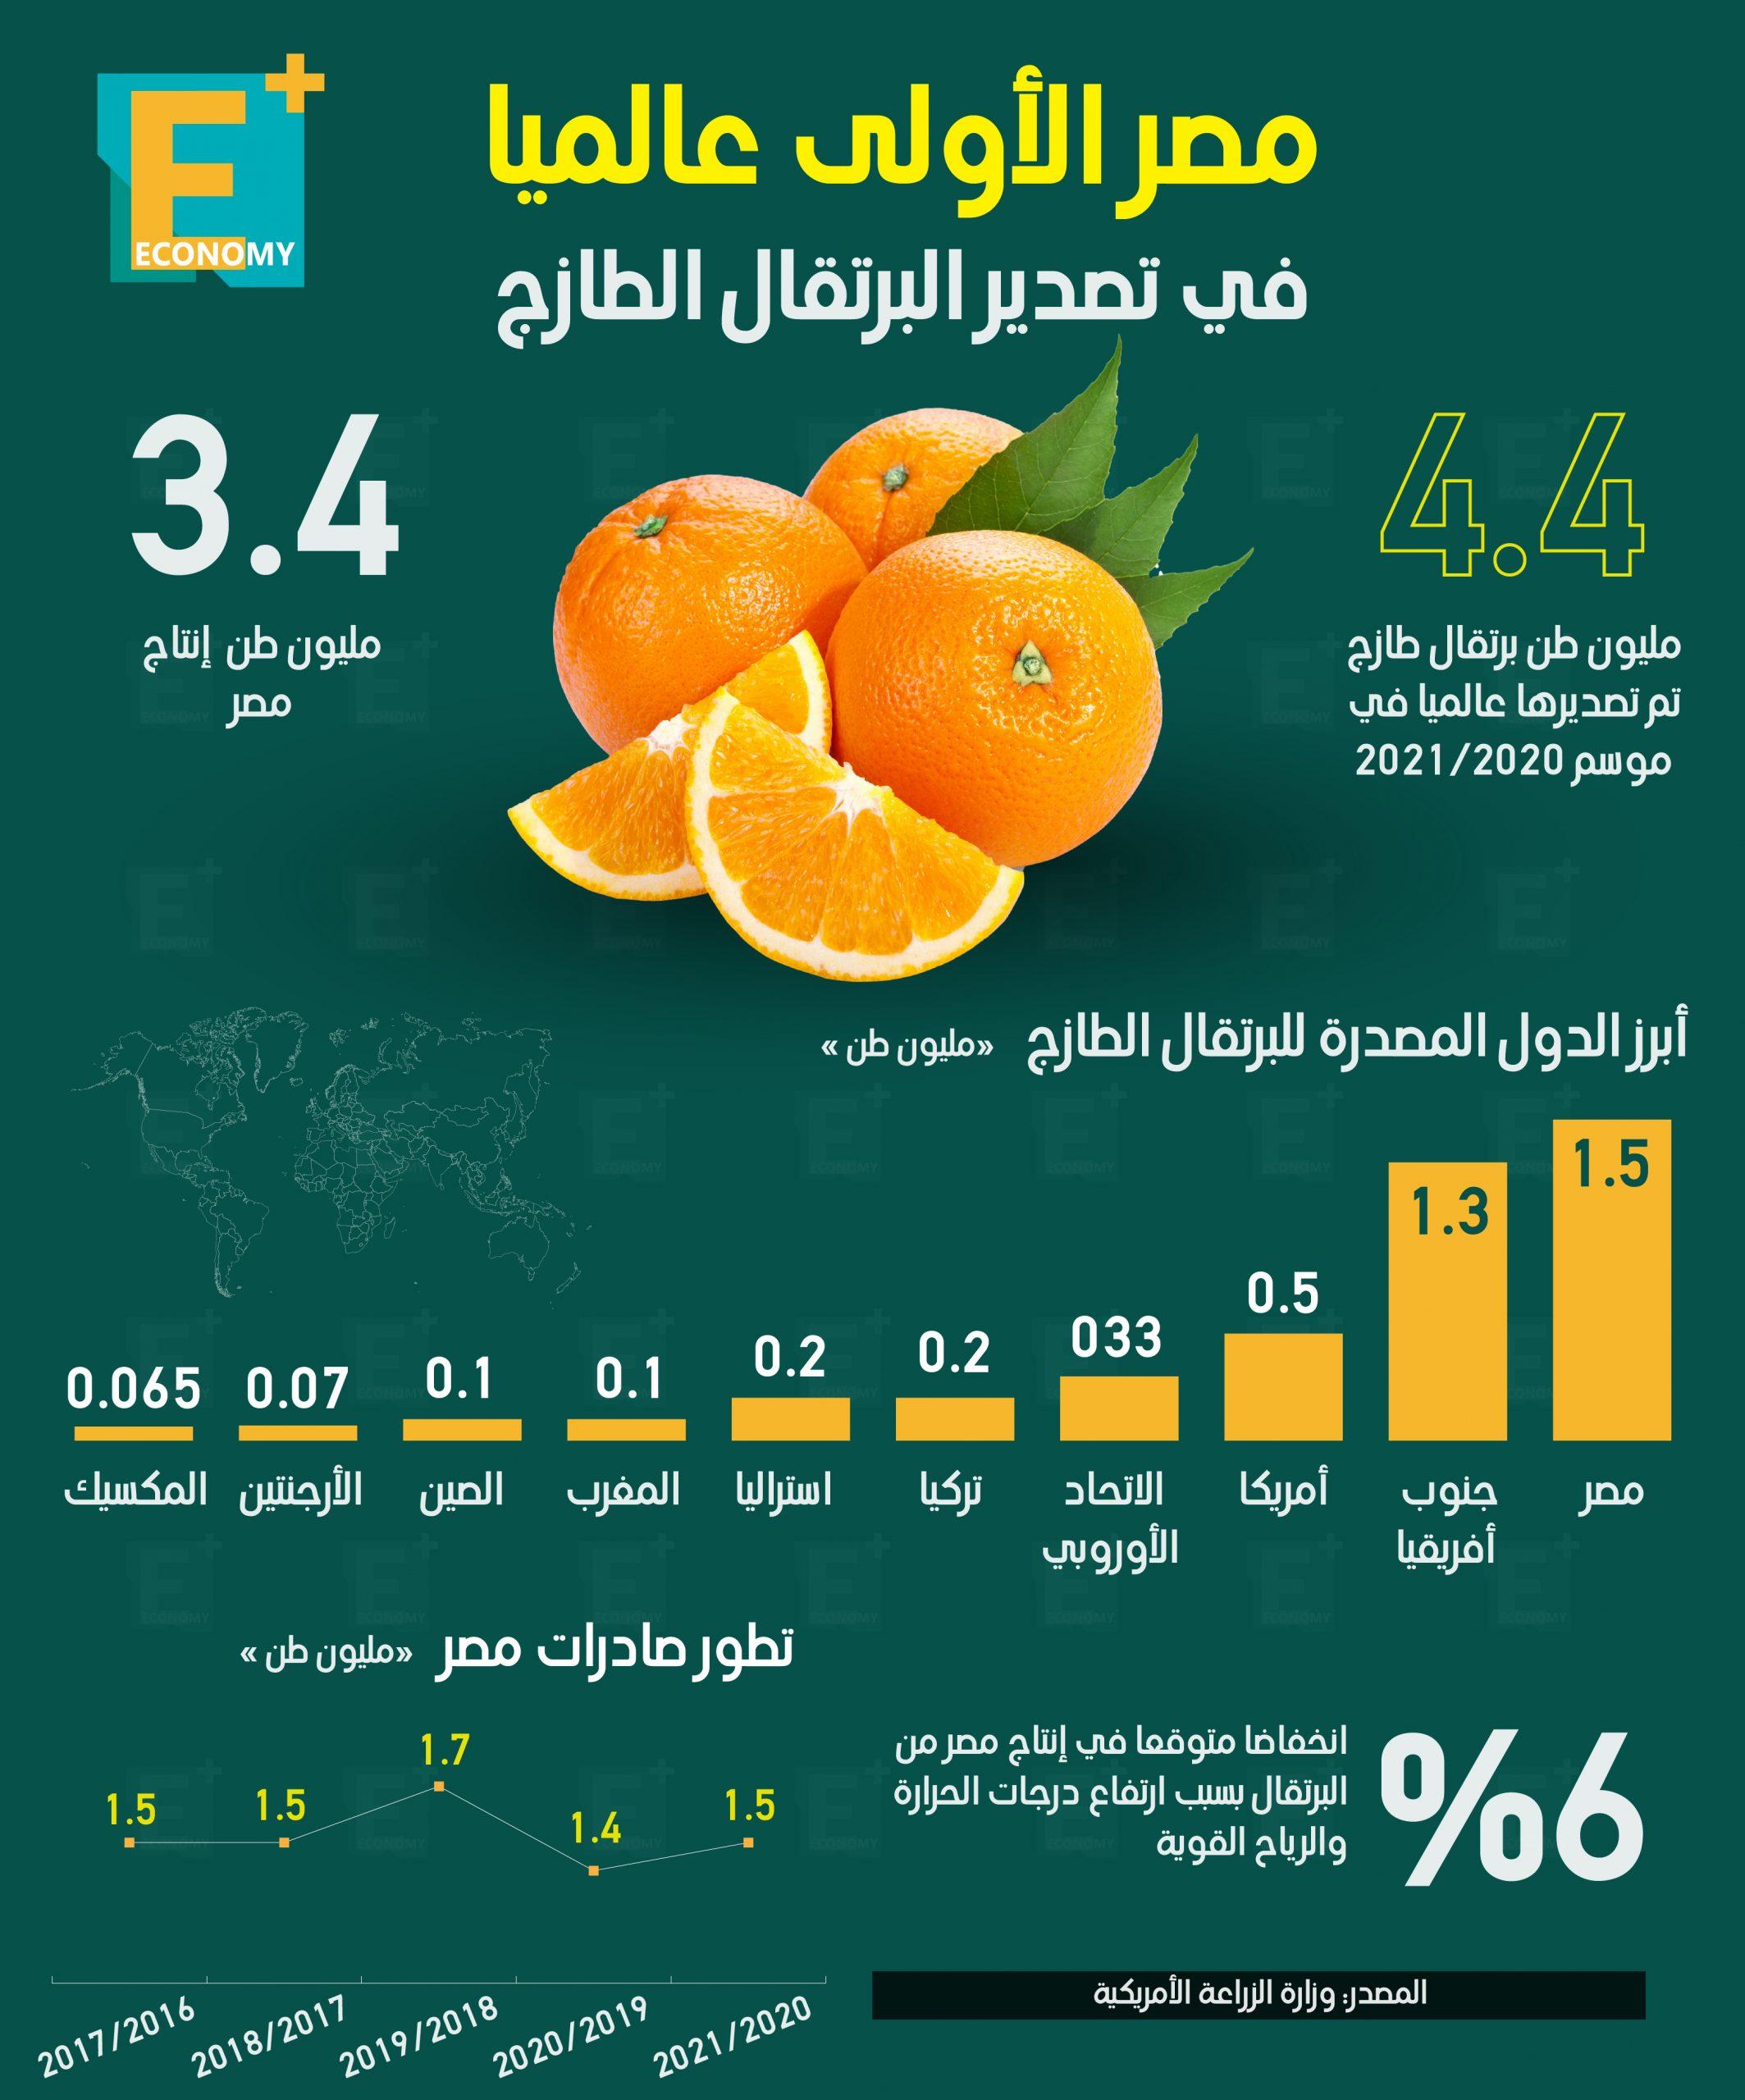 مصر الأولى عالميًا في تصدير البرتقال الطازج